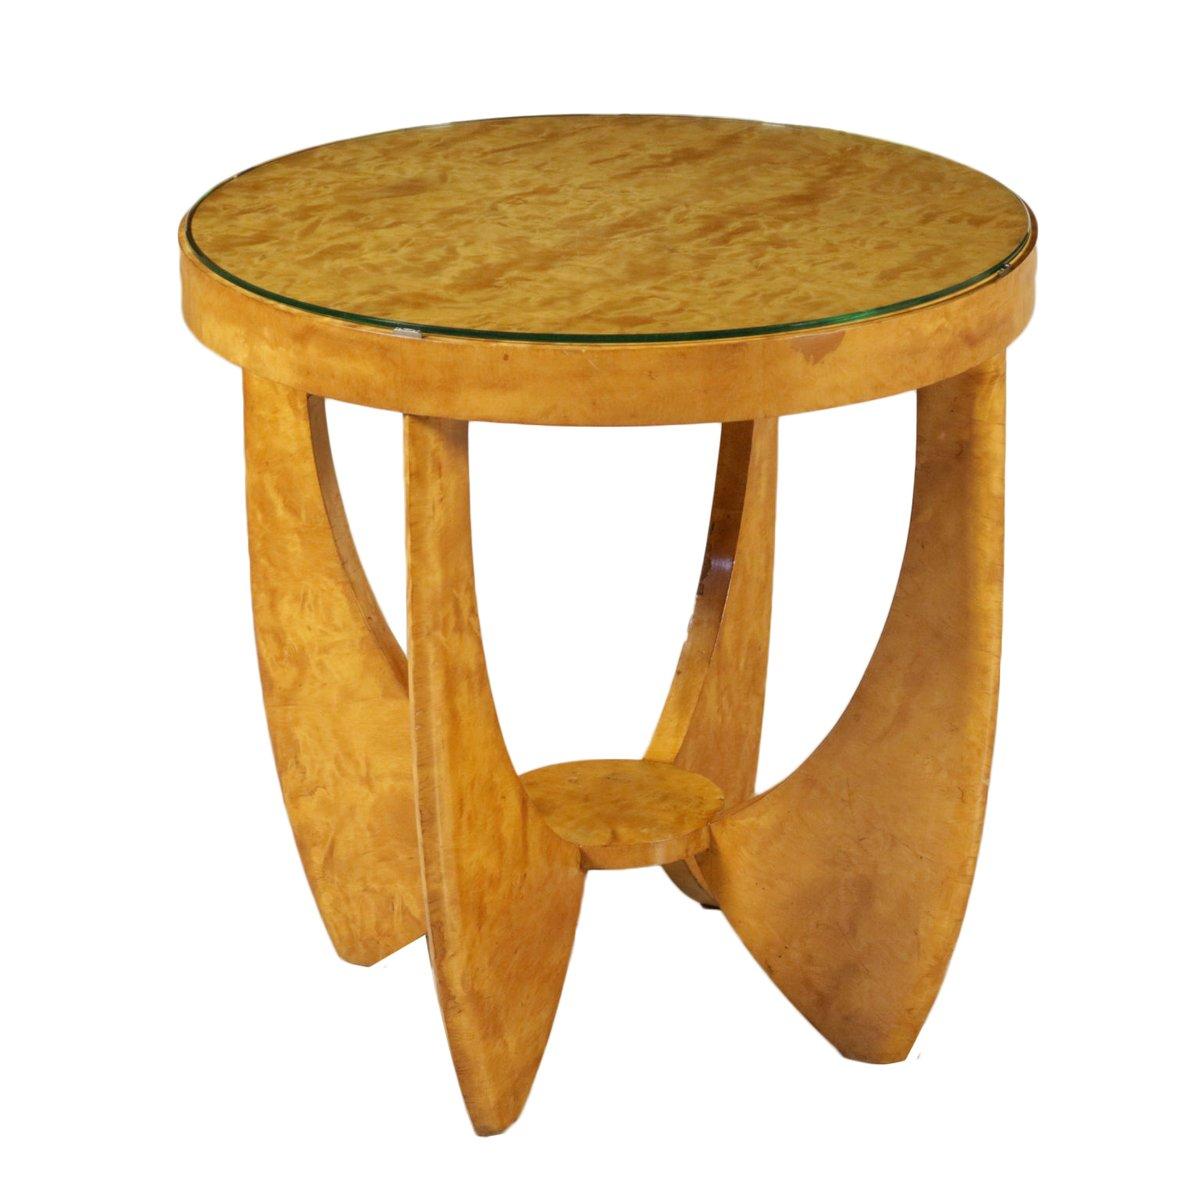 wurzelholz furnier couchtisch mit glasplatte 1930er bei pamono kaufen. Black Bedroom Furniture Sets. Home Design Ideas